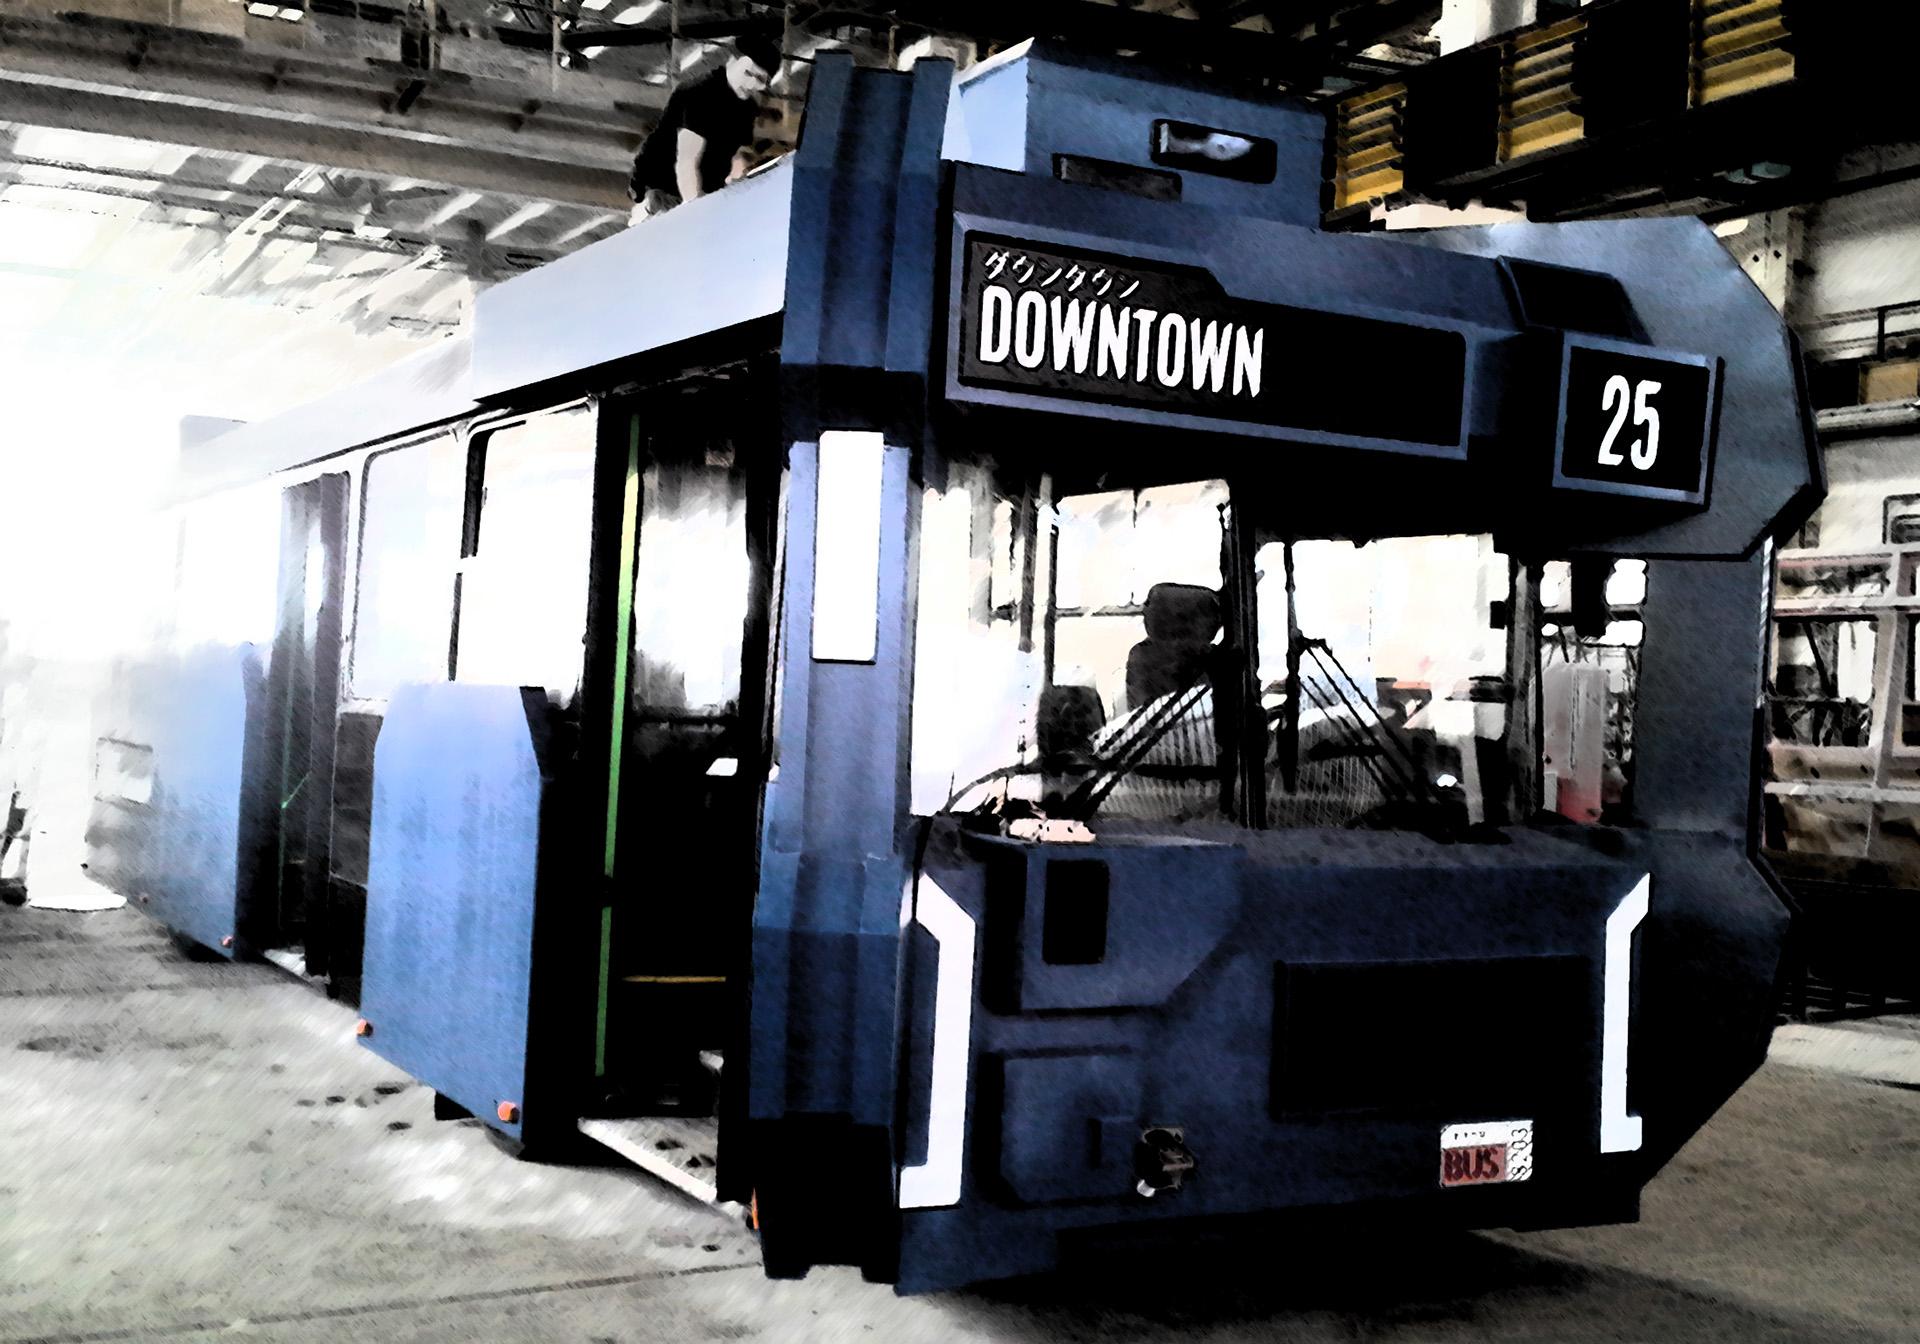 bus_13